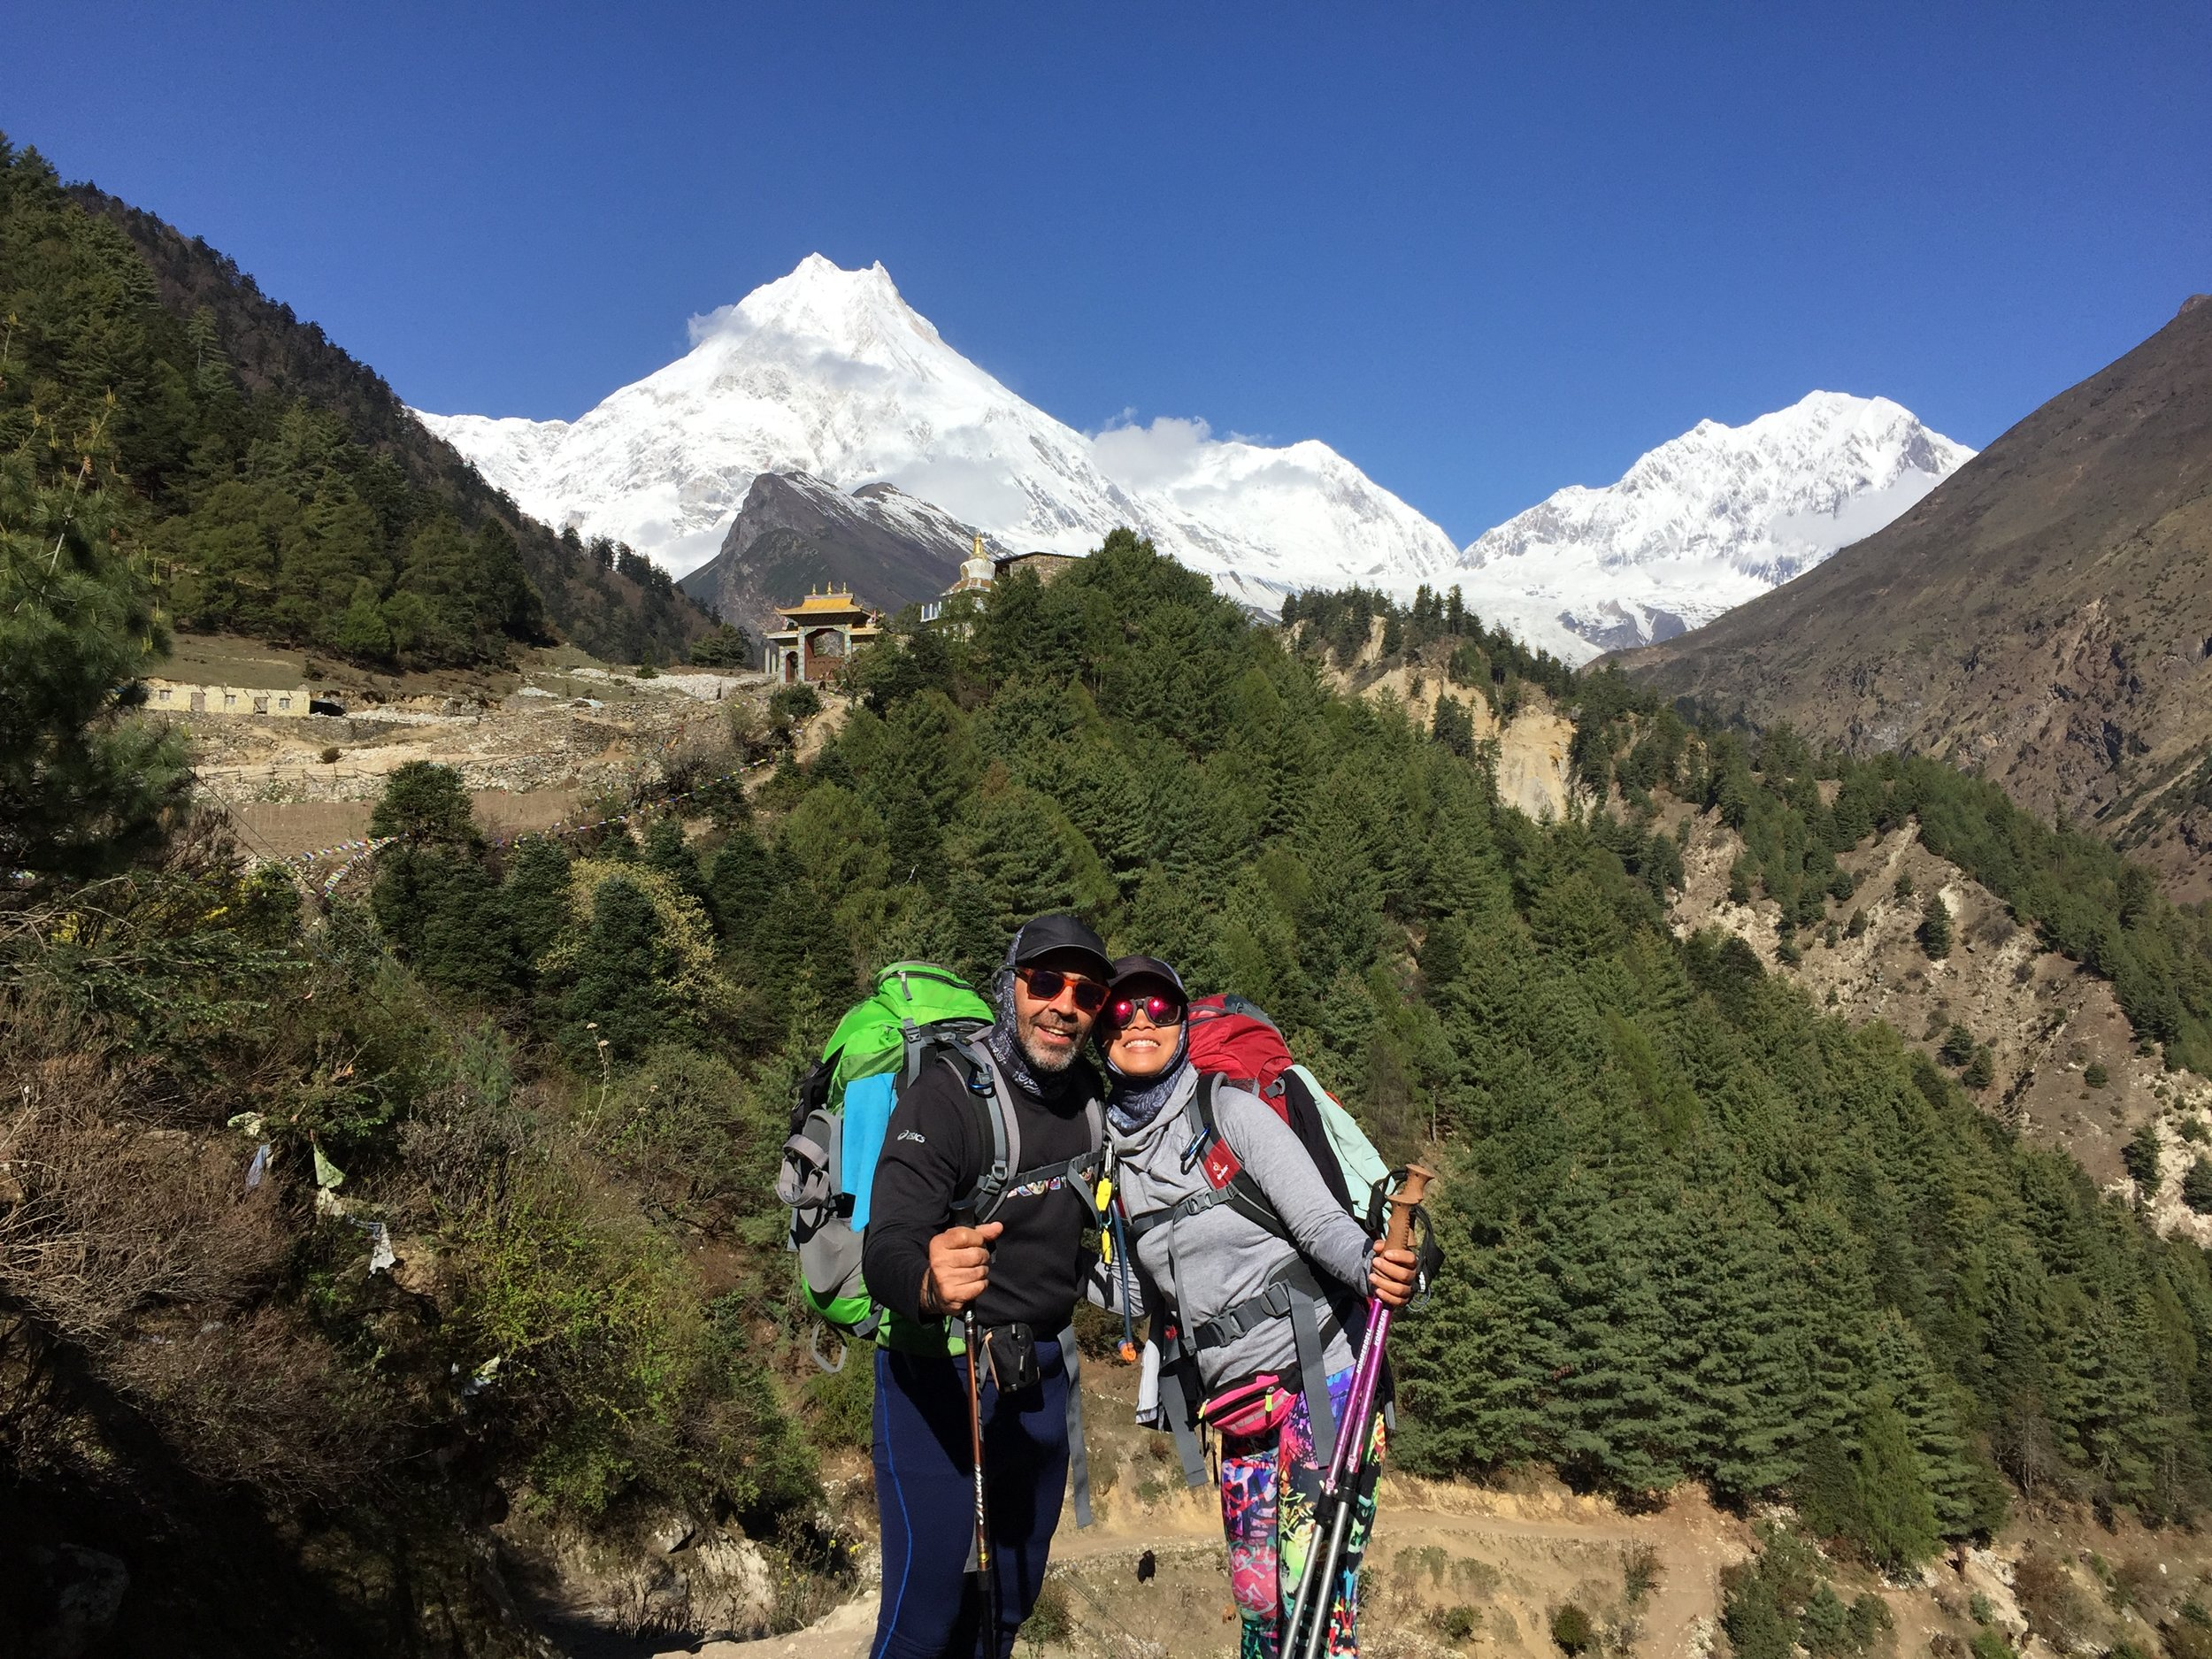 Manaslu, ngọn núi cao thứ 8 trên thế giới đằng sau lưng